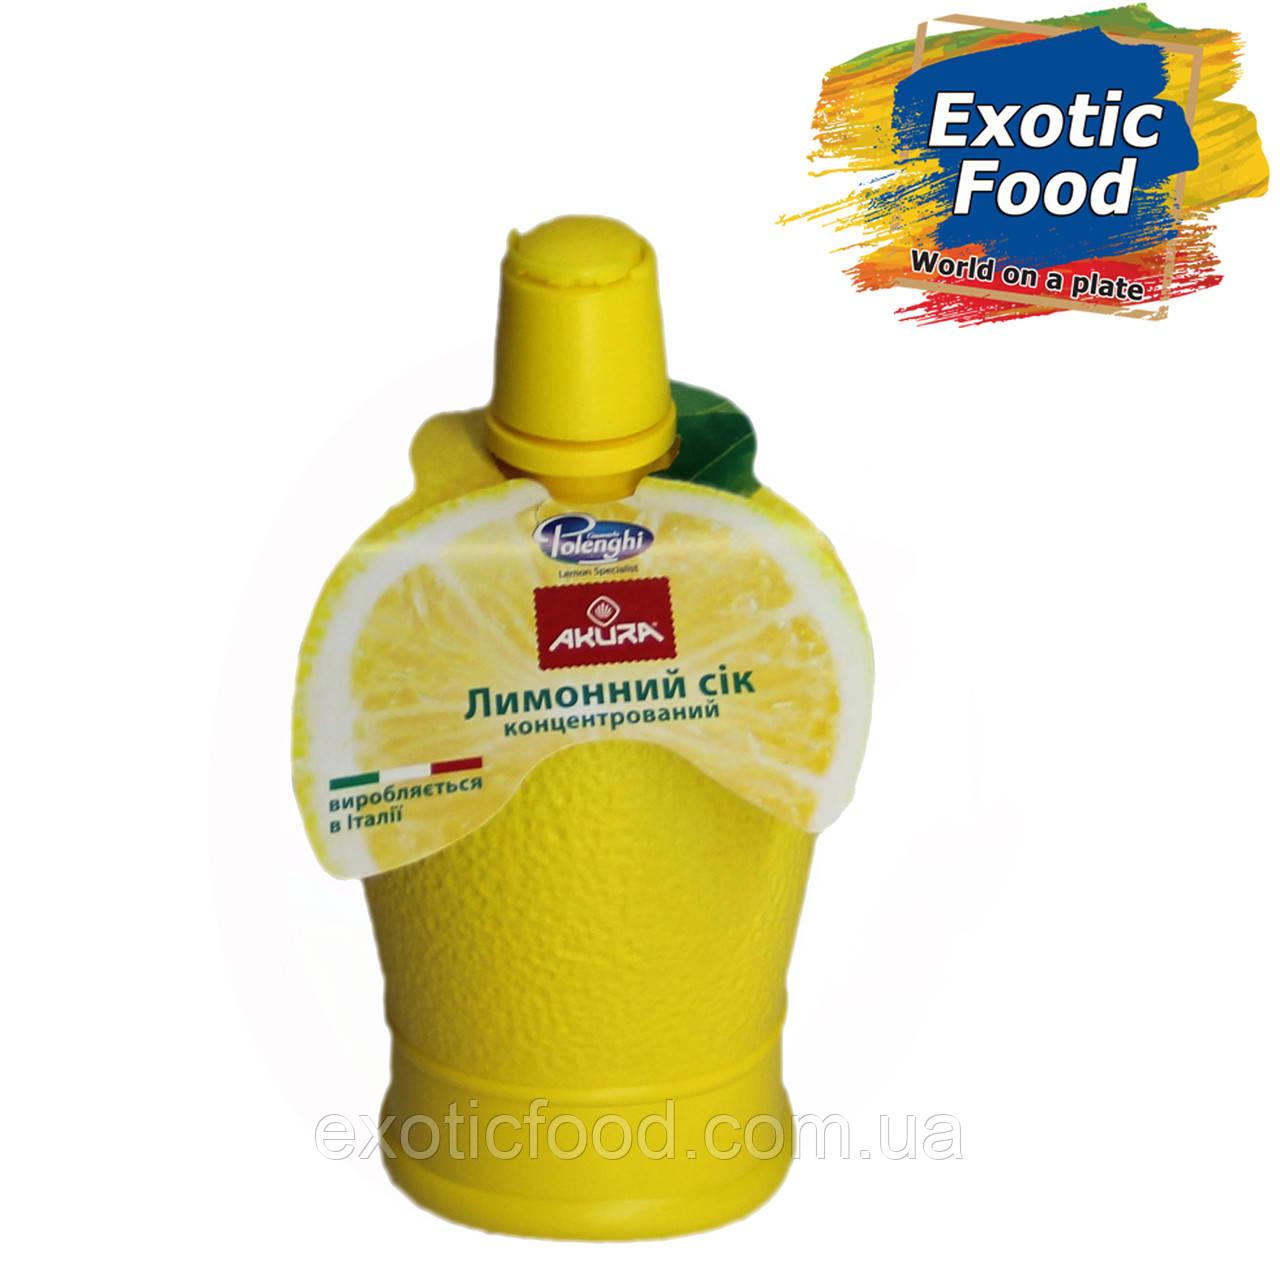 Концентрований Сік лимона AKURA 200 мл